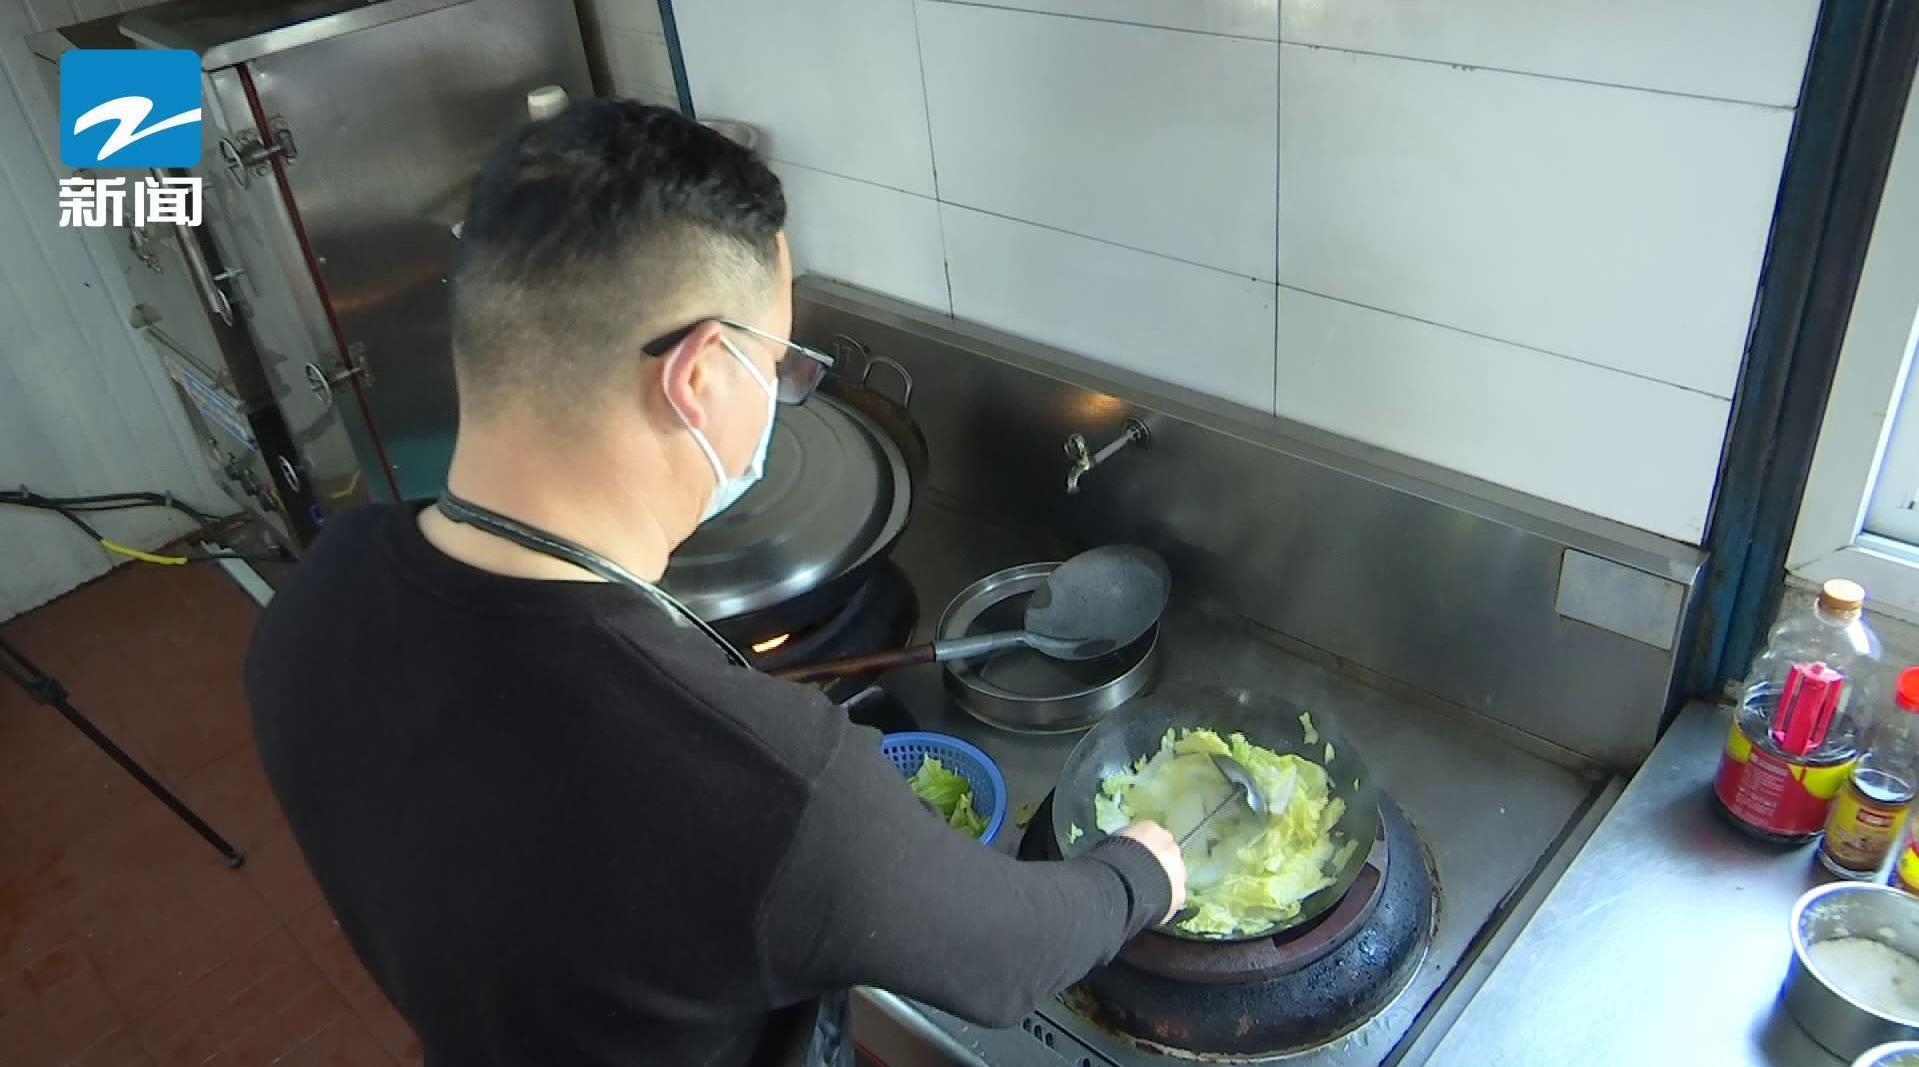 经理为留守员工烧菜 疫情期间曾给同事做了两个月饭